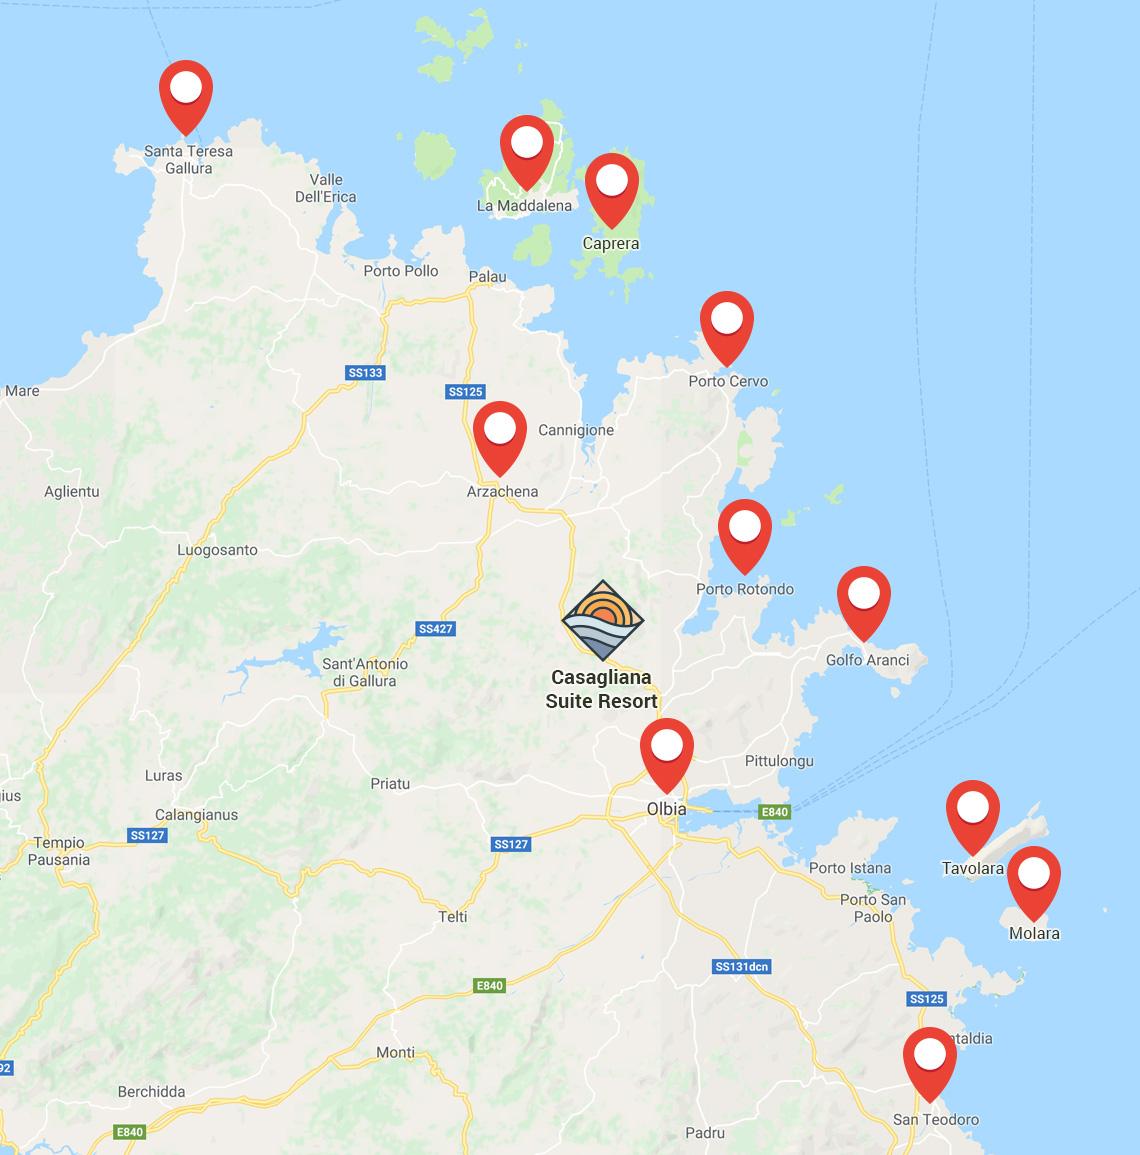 mappa territorio casagliana